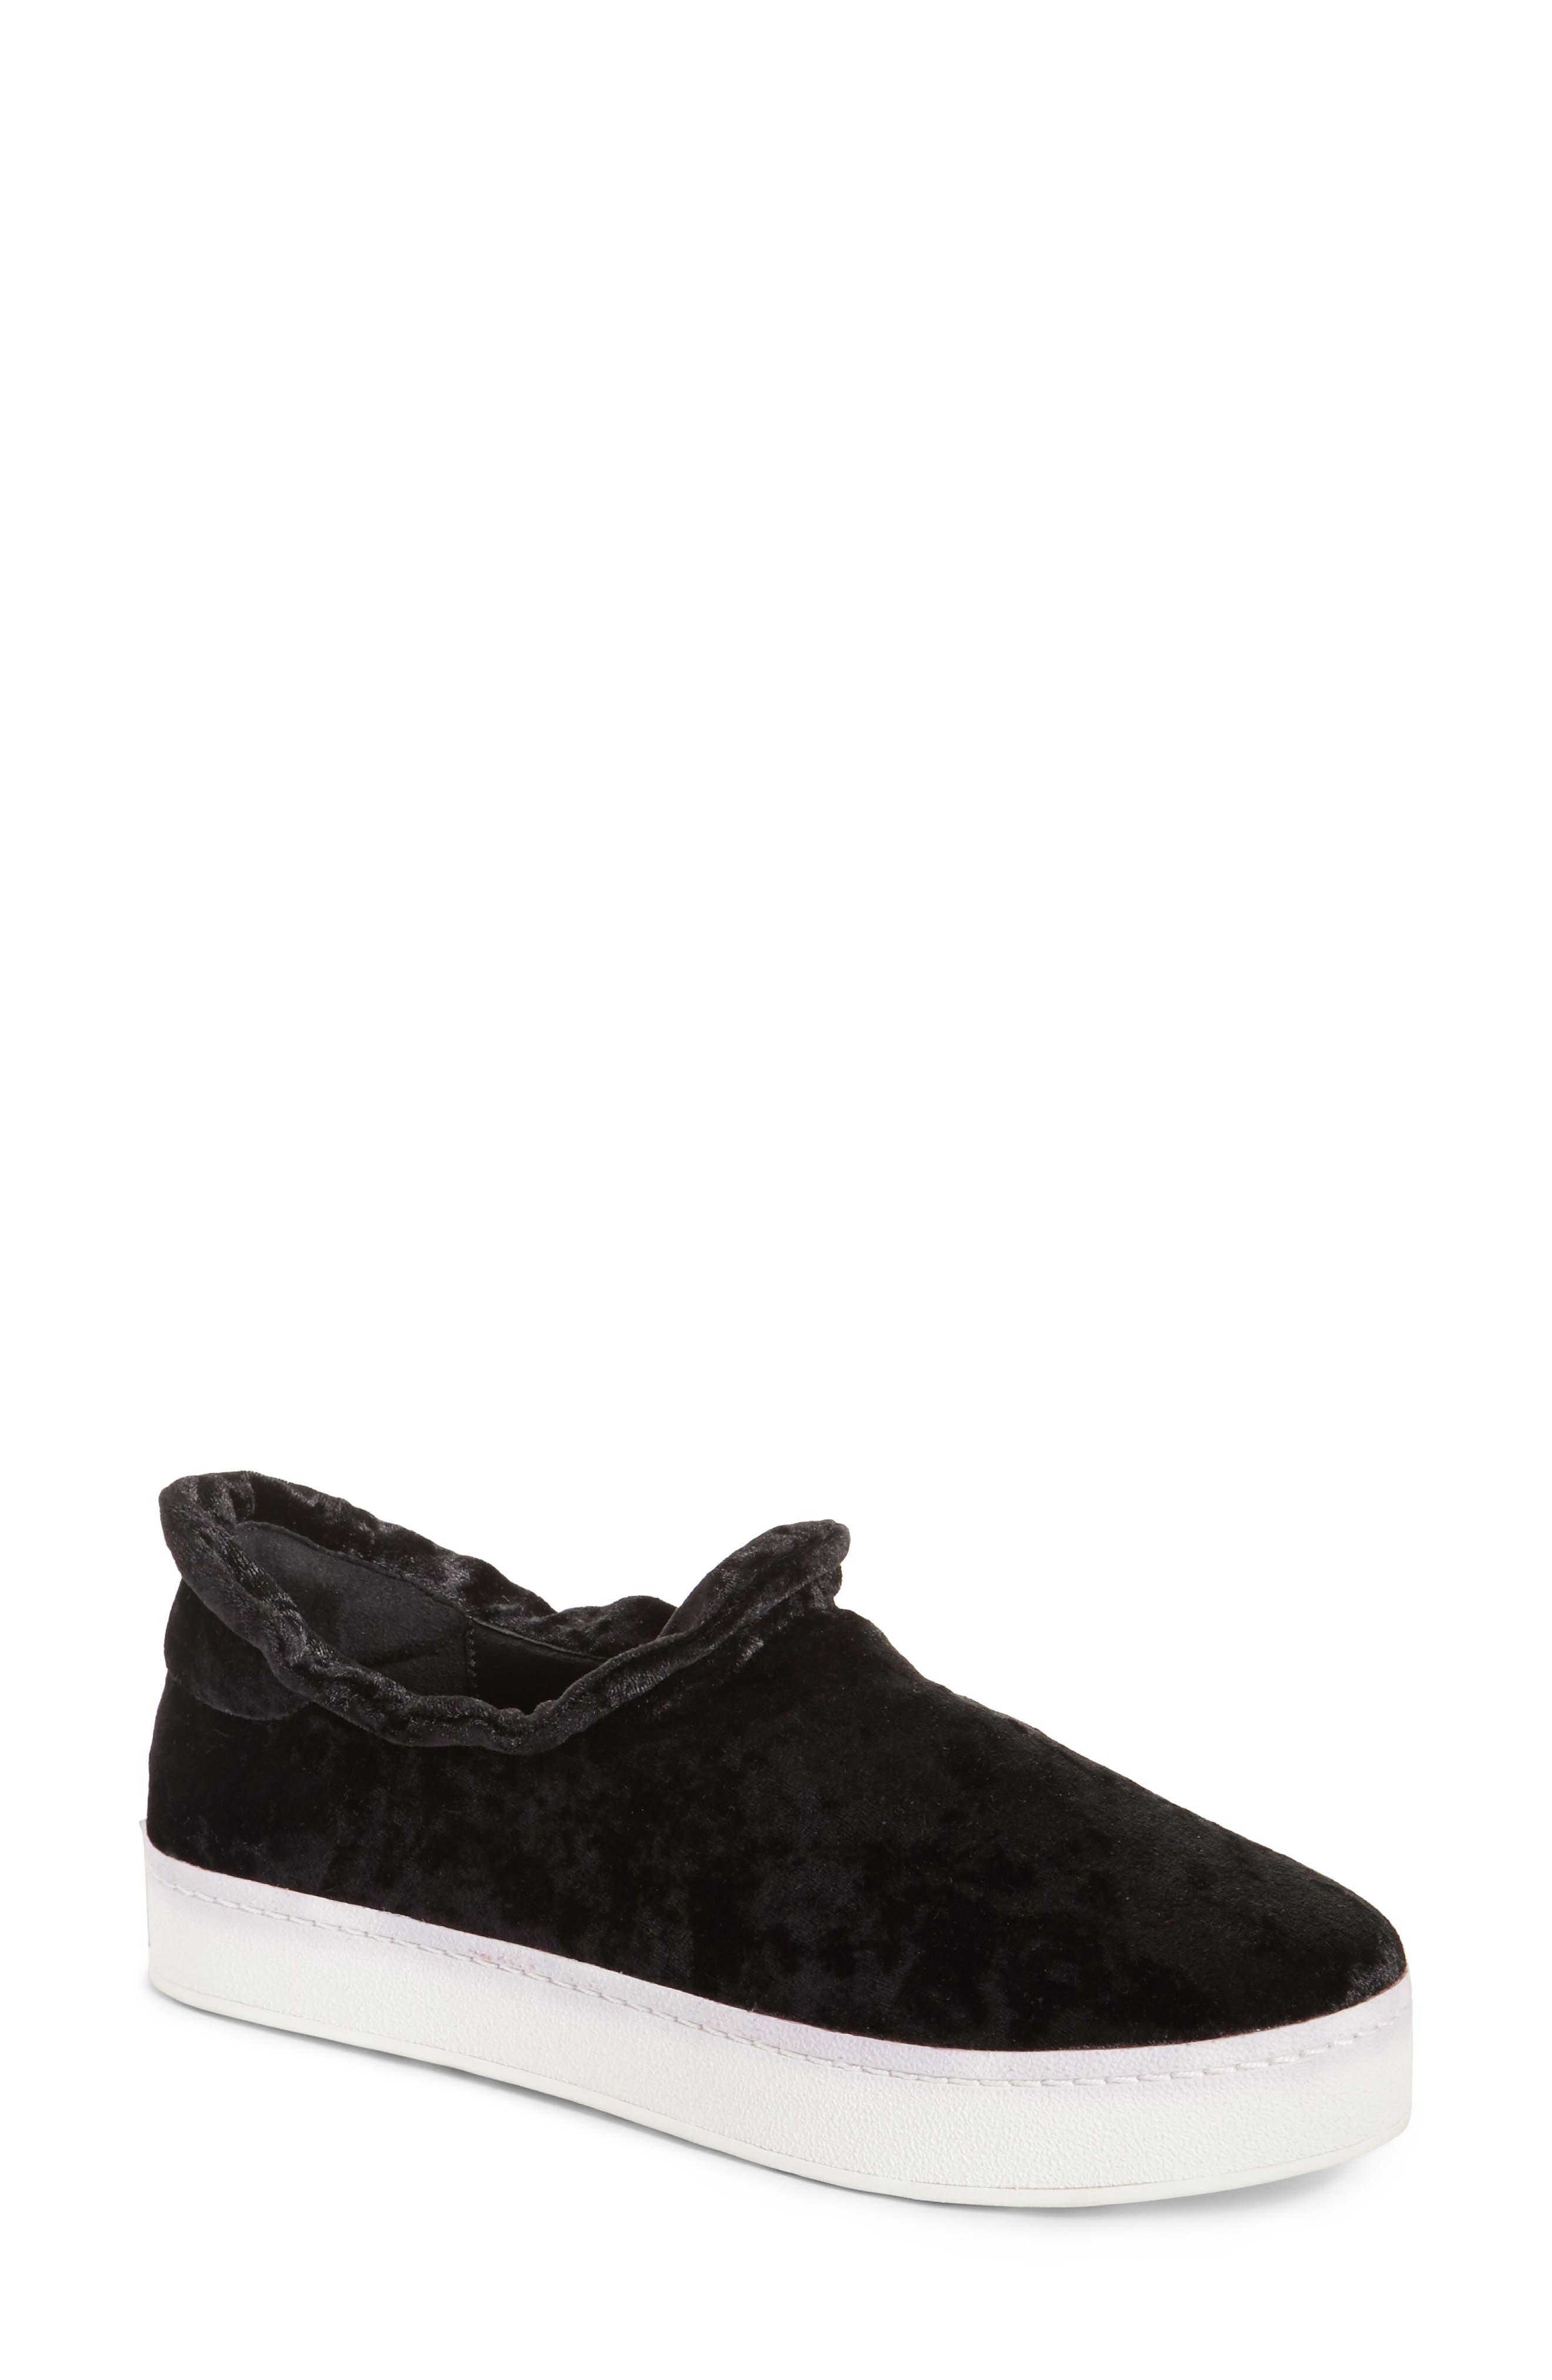 Cici Velvet Ruffle Slip-On Sneaker,                         Main,                         color, 001